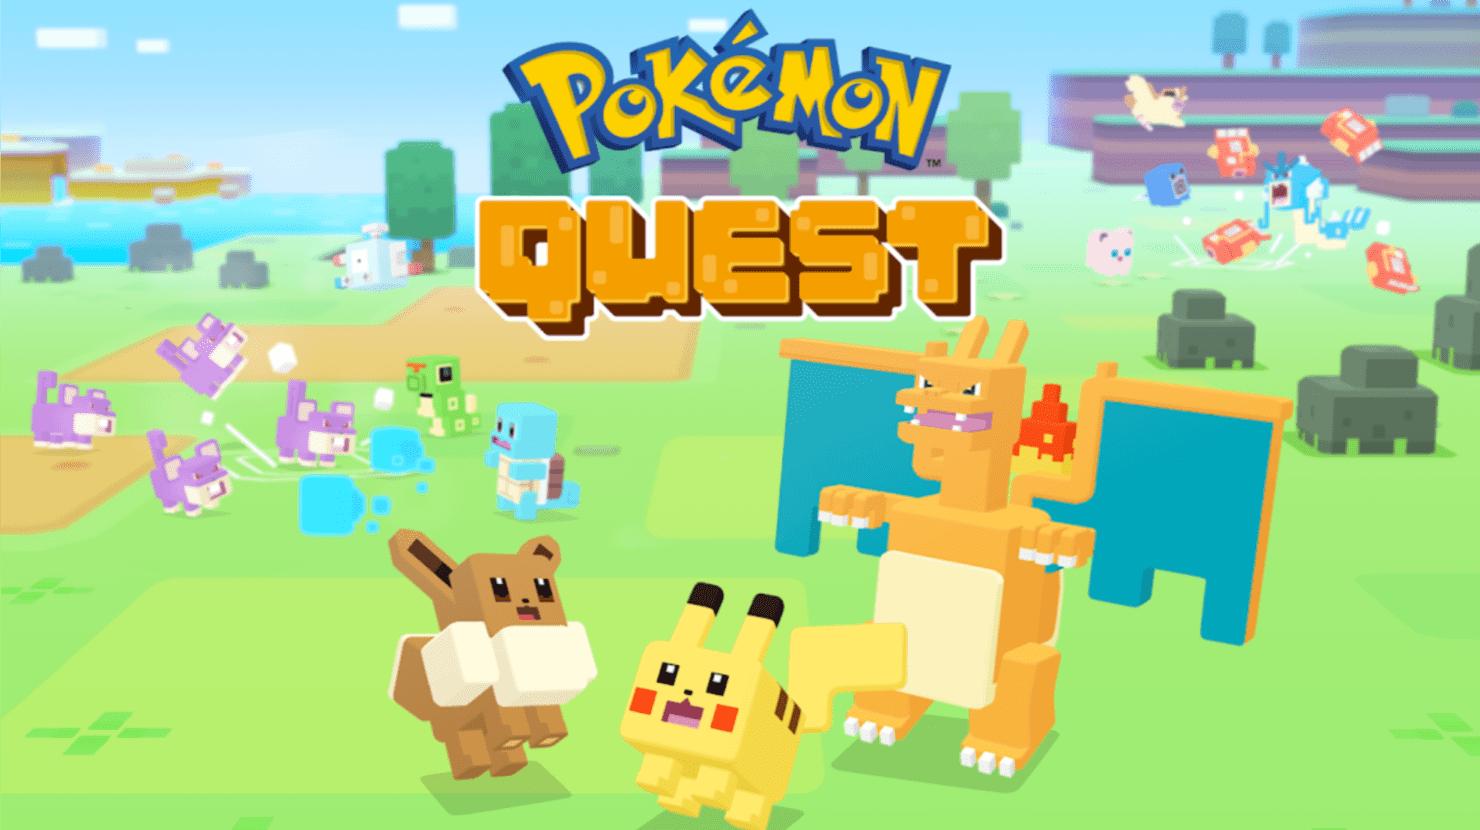 Pokémon Quest już dostępne do pobrania za darmo na Androida i iOS. Nadchodzi kwadratowy Pikachu 19